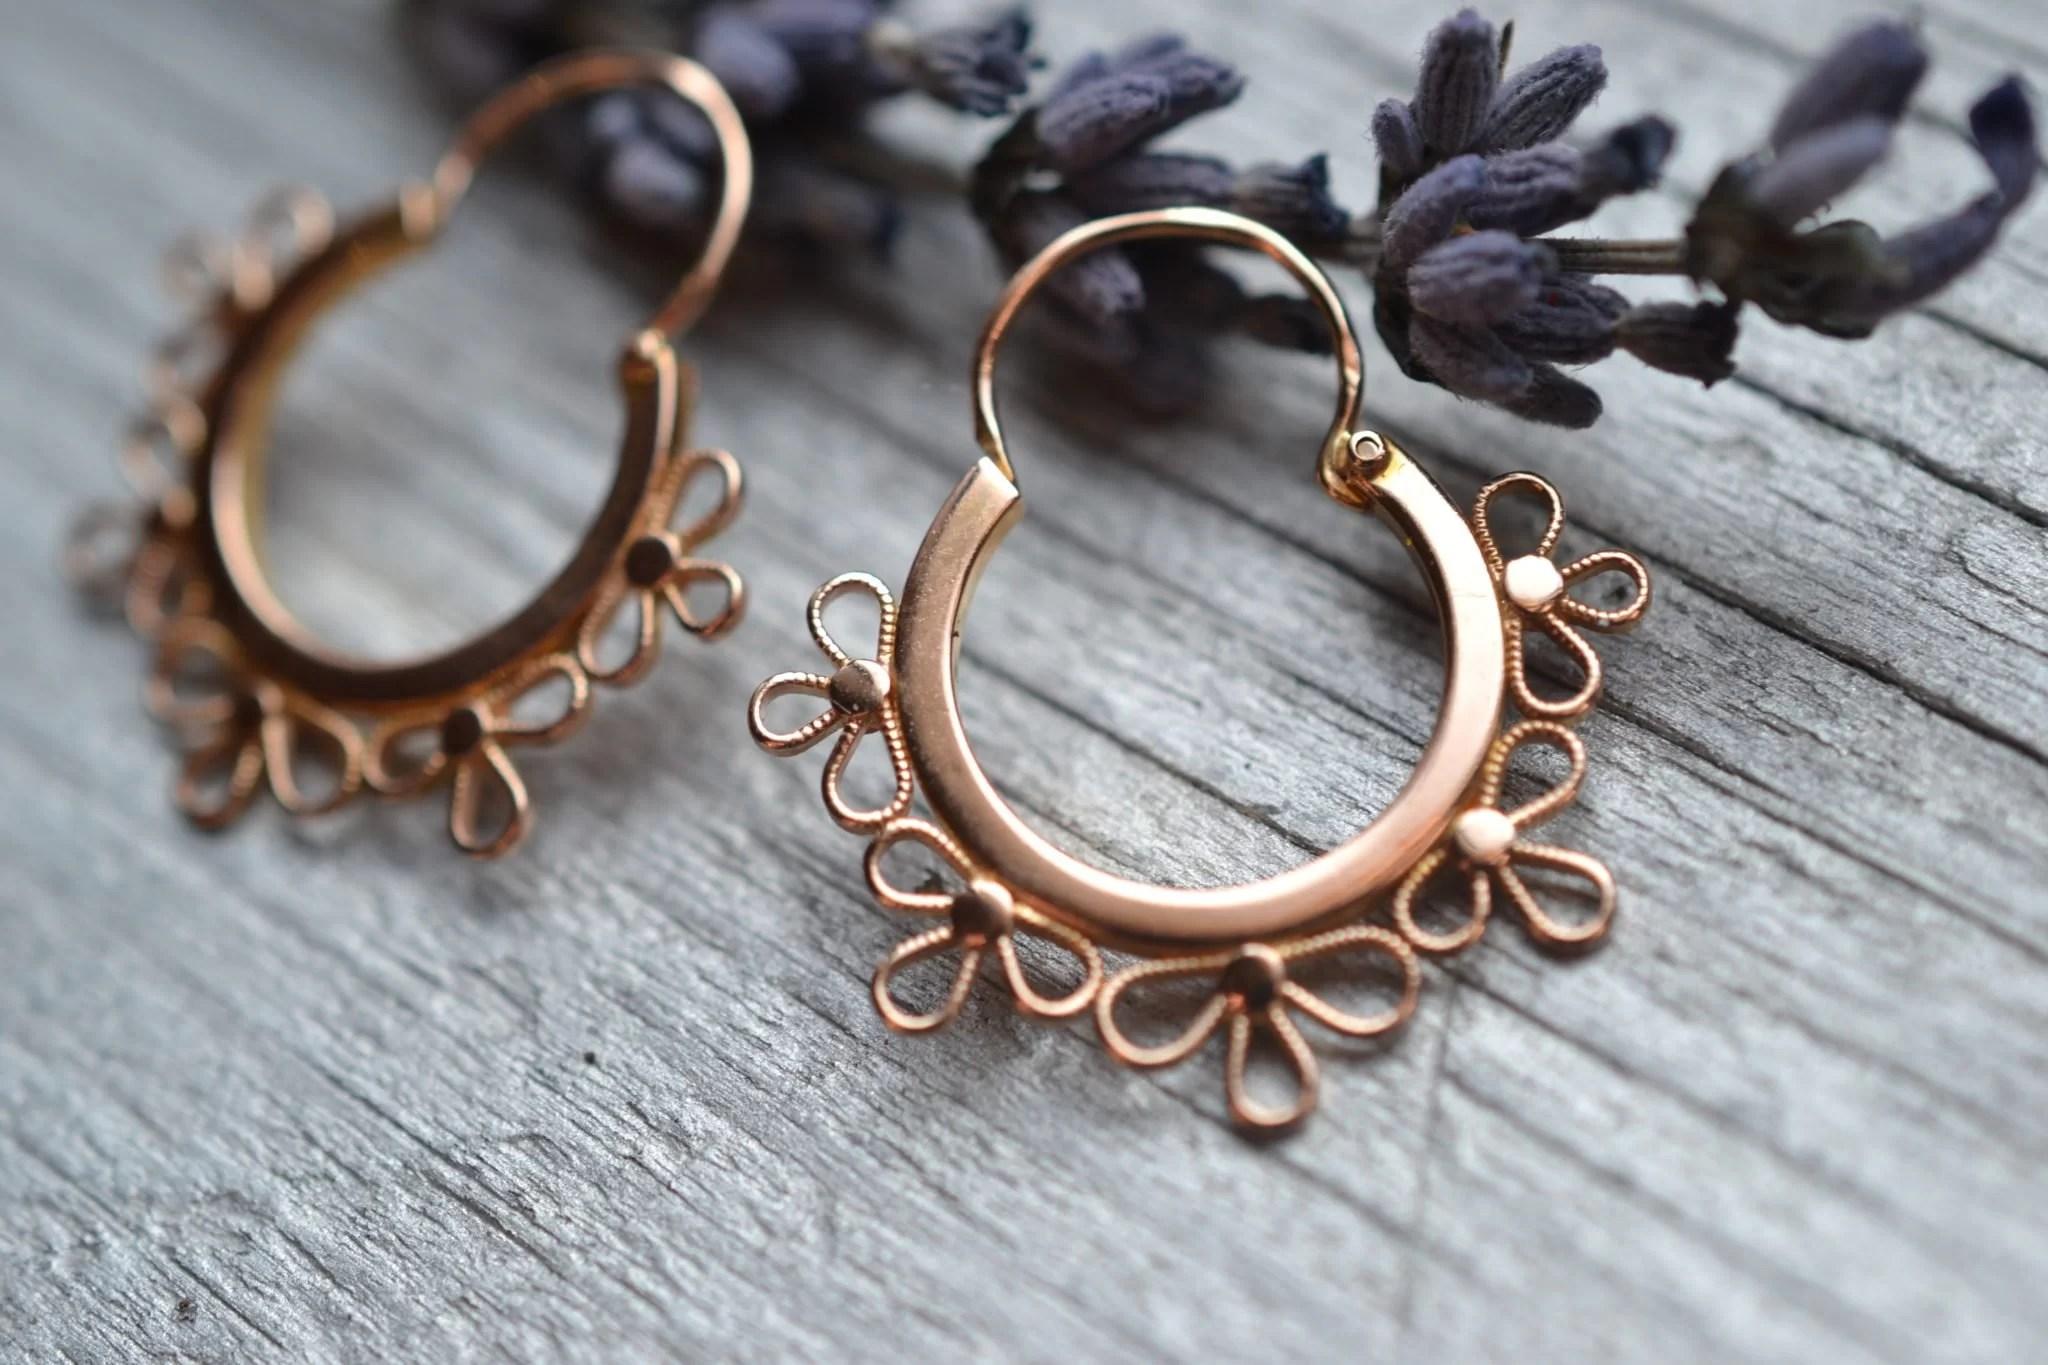 créoles boucles d'oreilles forme fleurs en 0r 18 carats 750:1000 vintage occasion